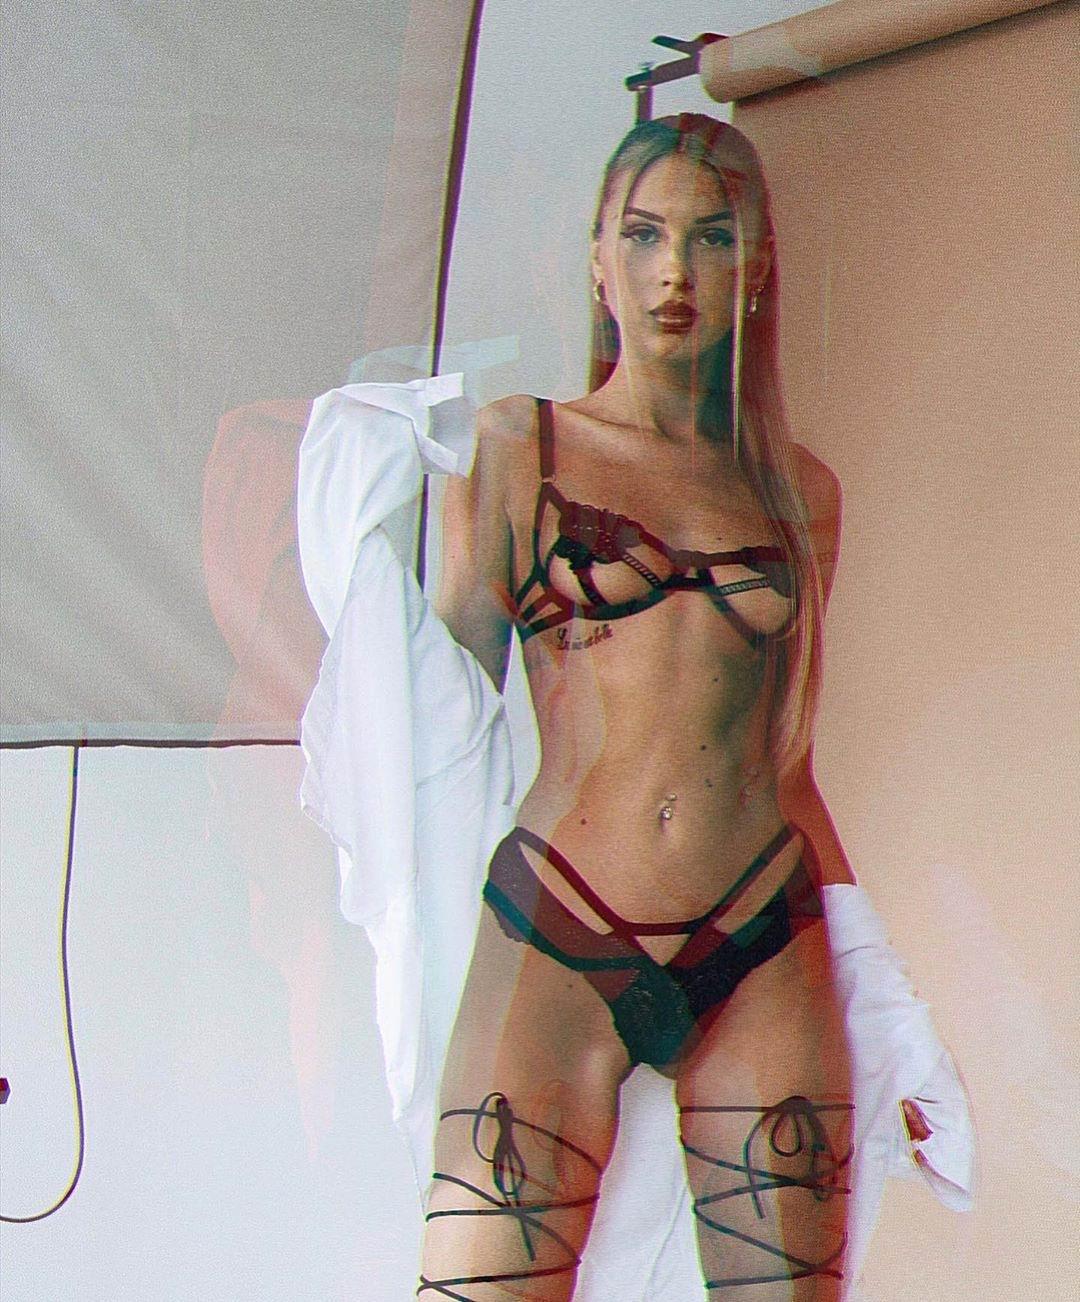 Эскорт модель Алия